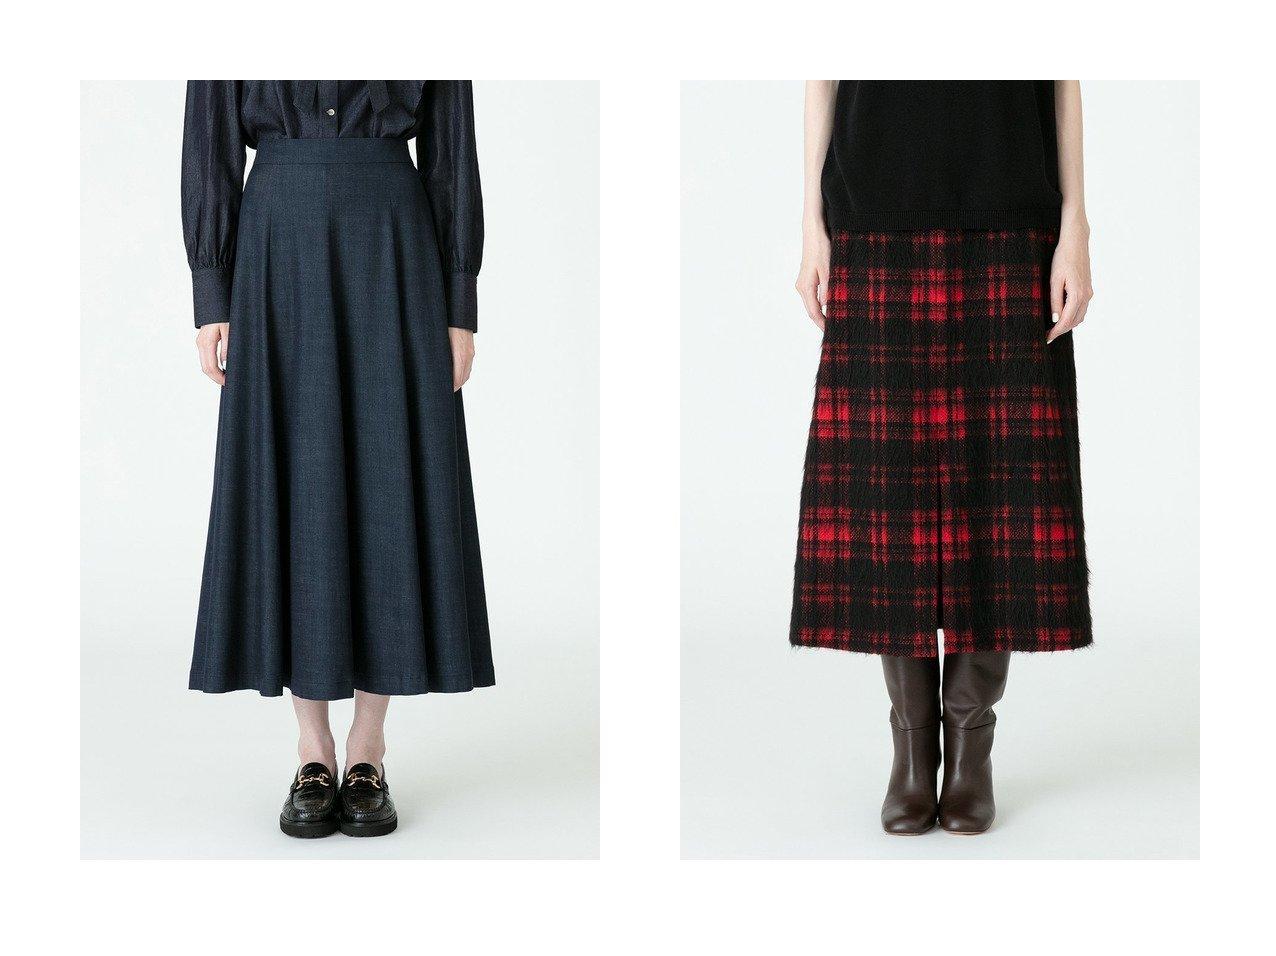 【allureville/アルアバイル】のテンセルデニムスカート&シャギーチェックスリットスカート 【スカート】おすすめ!人気、トレンド・レディースファッションの通販 おすすめで人気の流行・トレンド、ファッションの通販商品 インテリア・家具・メンズファッション・キッズファッション・レディースファッション・服の通販 founy(ファニー) https://founy.com/ ファッション Fashion レディースファッション WOMEN スカート Skirt デニムスカート Denim Skirts ロングスカート Long Skirt 2020年 2020 2020-2021秋冬・A/W AW・Autumn/Winter・FW・Fall-Winter/2020-2021 2021年 2021 2021-2022秋冬・A/W AW・Autumn/Winter・FW・Fall-Winter・2021-2022 A/W・秋冬 AW・Autumn/Winter・FW・Fall-Winter デニム バランス フレア ロング スリット チェック フロント 台形 |ID:crp329100000056312